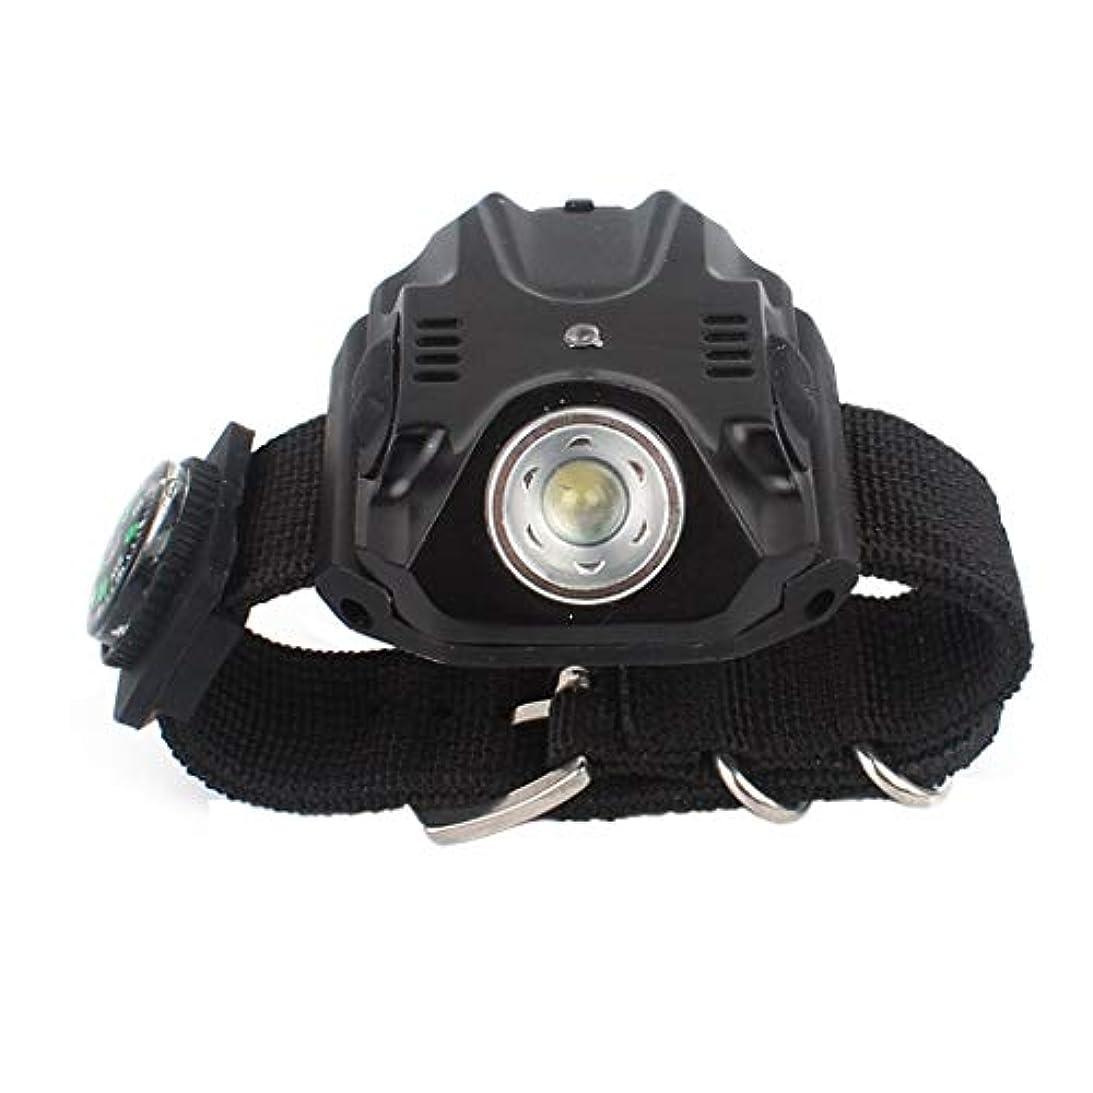 円形のアイデア悩む自転車用ライディングライト_アウトドアキャンプグレアLedライト懐中電灯ナイトバイクライディングライト多機能ウォッチ、USB充電